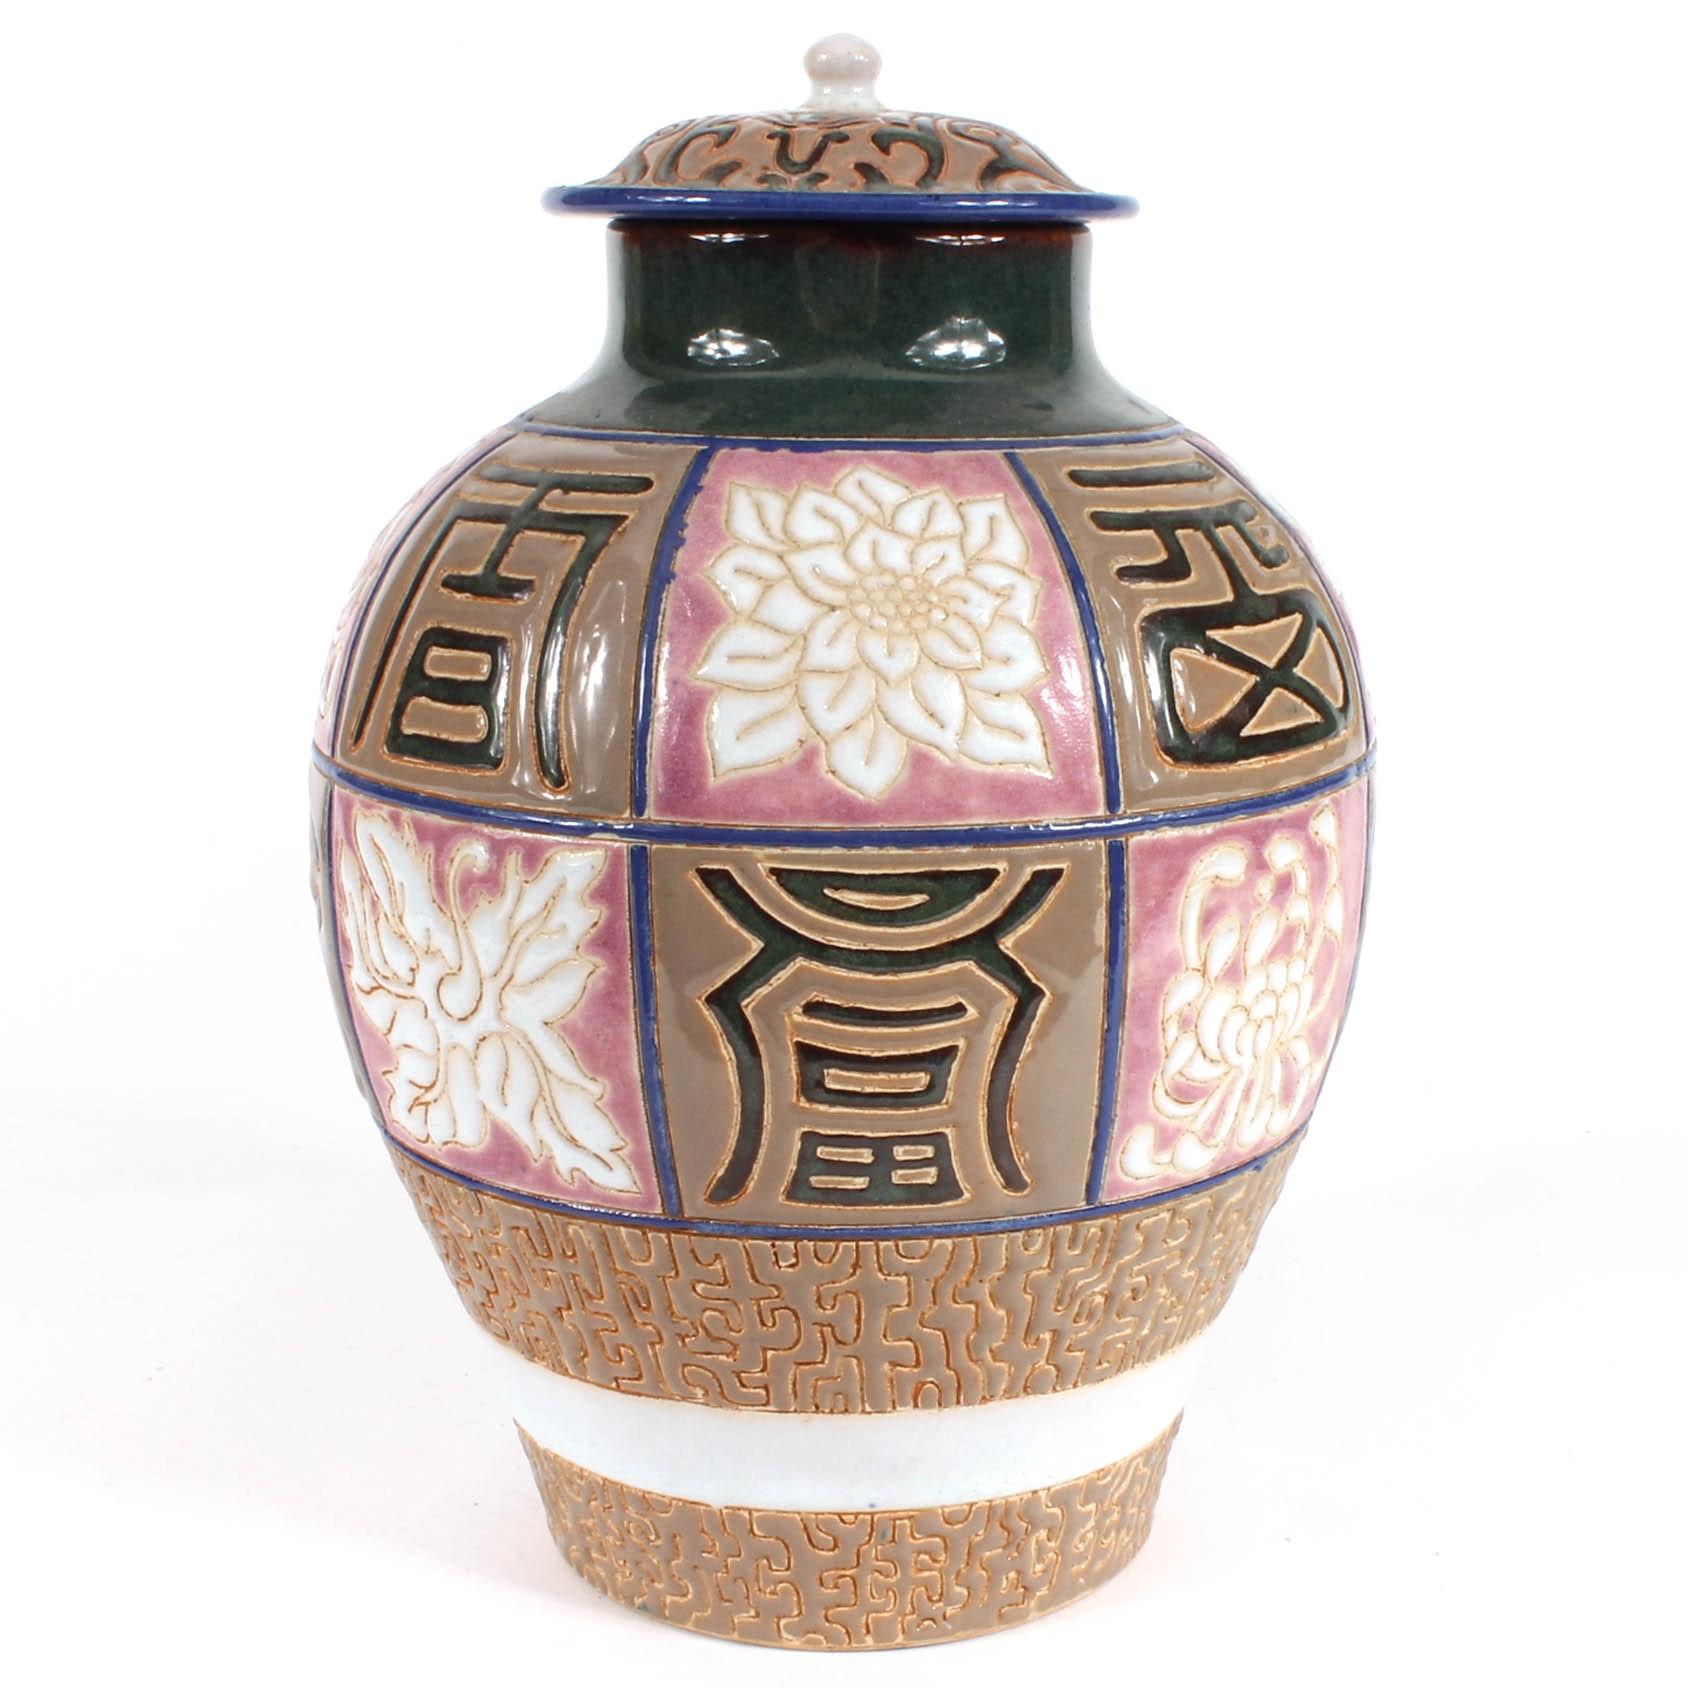 Hand-Painted Japanese Ceramic Jar